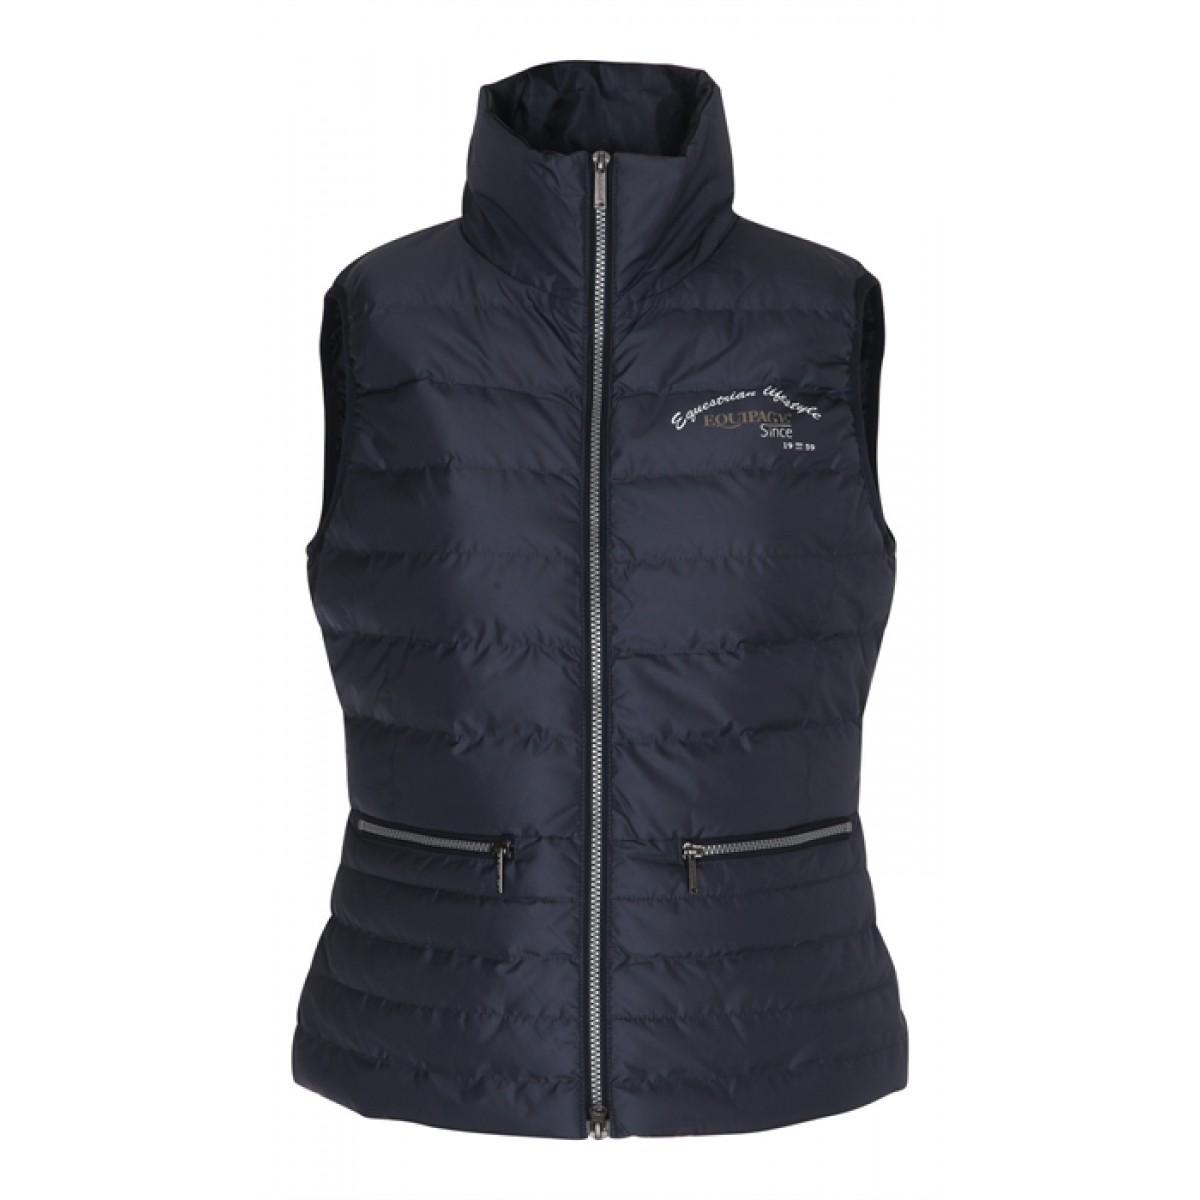 Equipage Aurora Vest